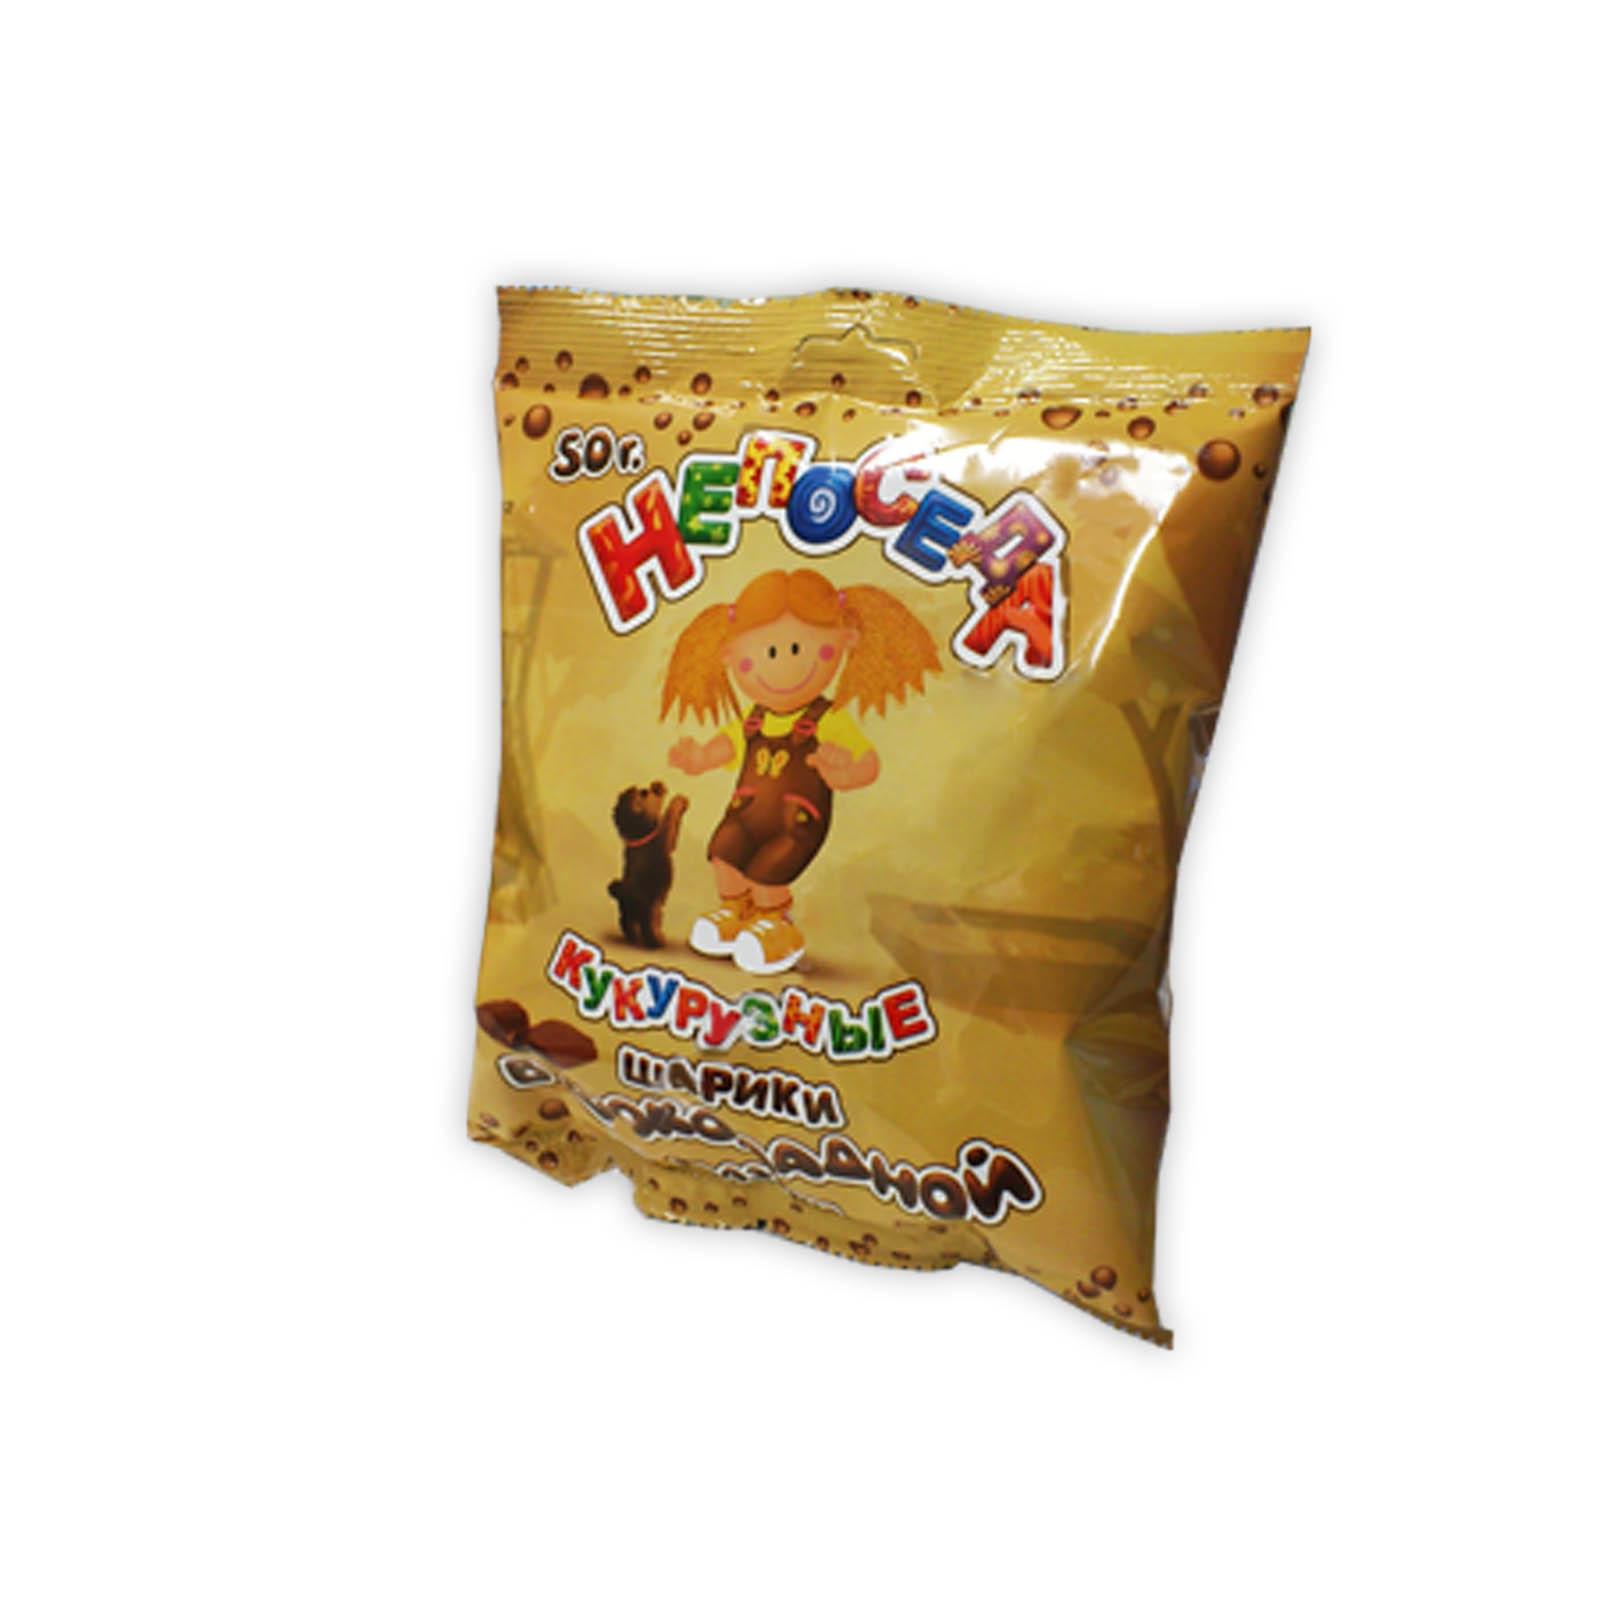 Шарики Здоровей Непоседа 50 гр Кукурузные с шоколадной глазурью<br>